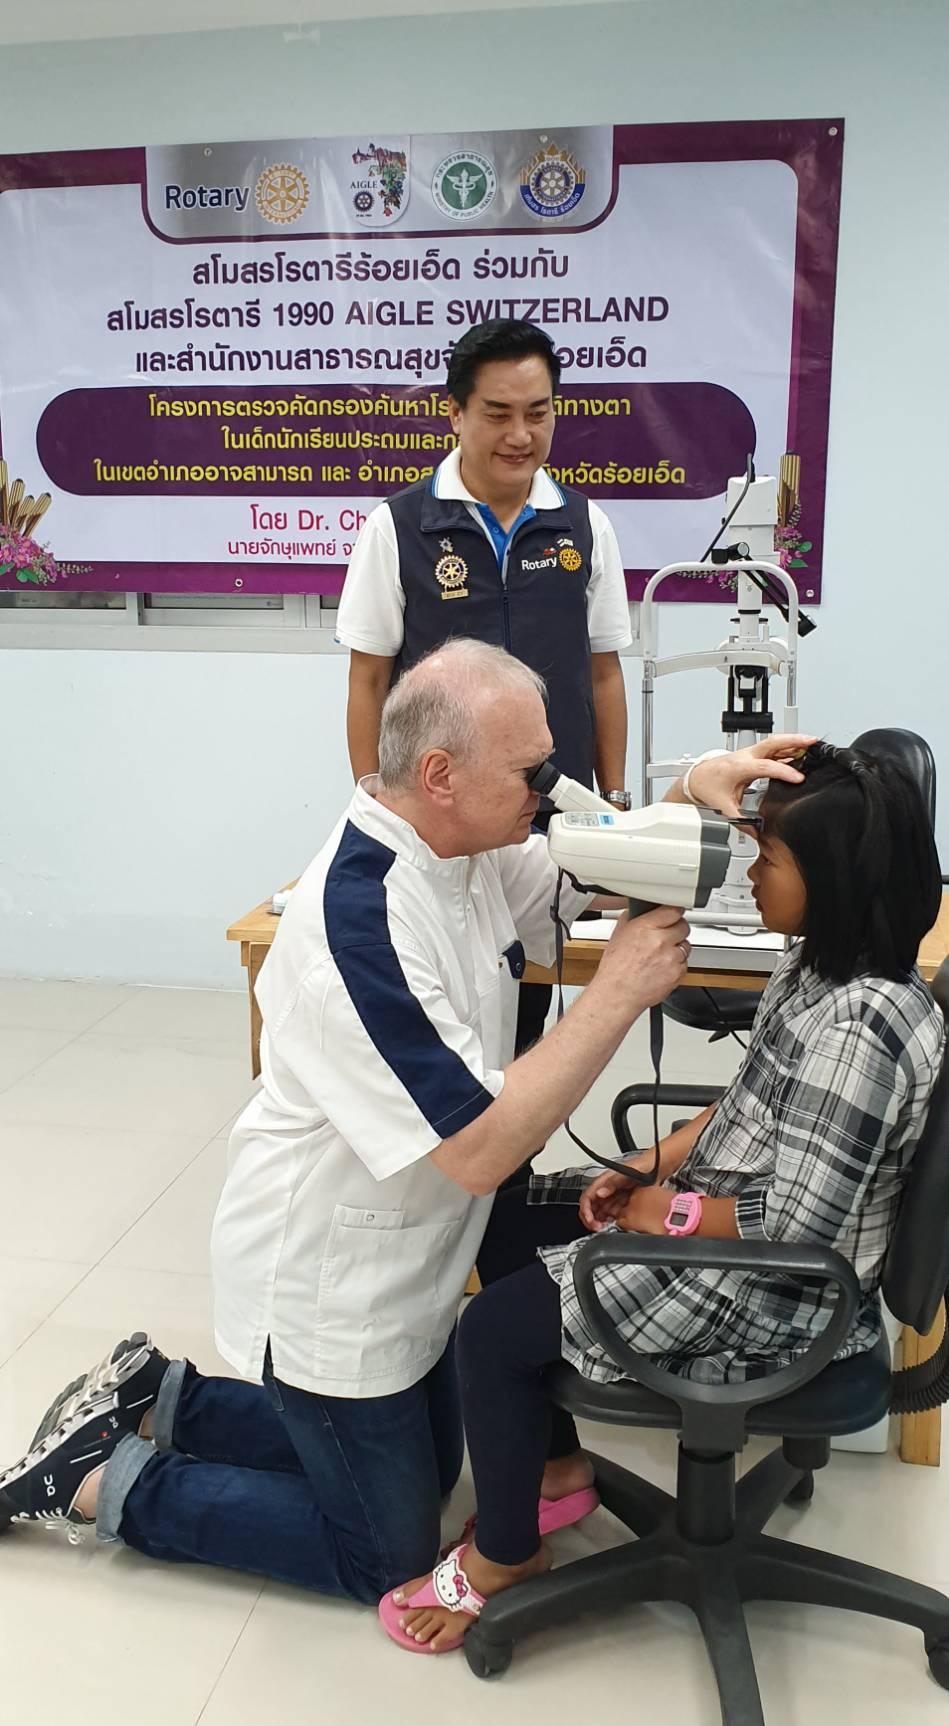 สโมสรโรตารีร้อยเอ็ดจัดกิจกรรมตรวจโรคทางสายตาให้เด็กๆ